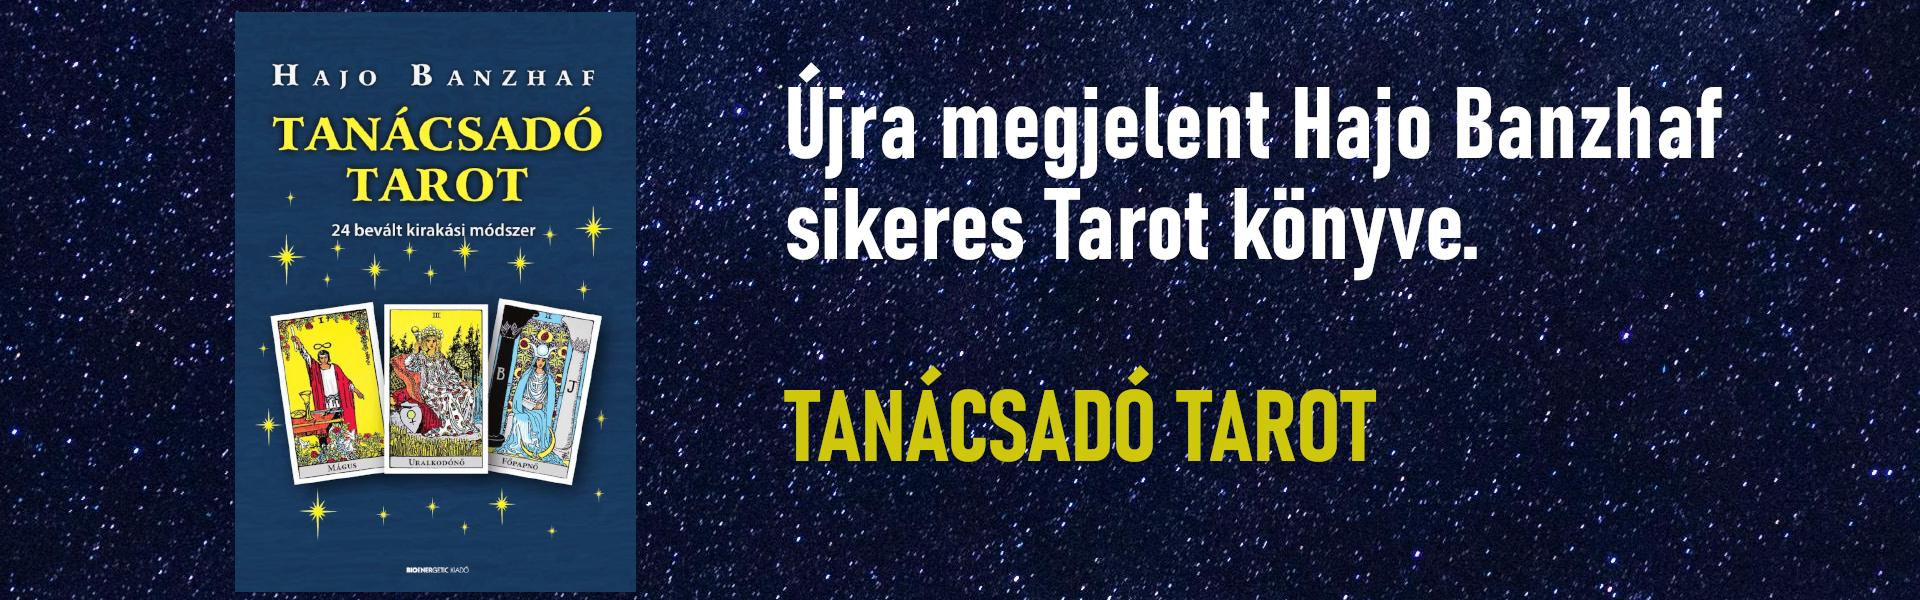 Tanácsadó Tarot